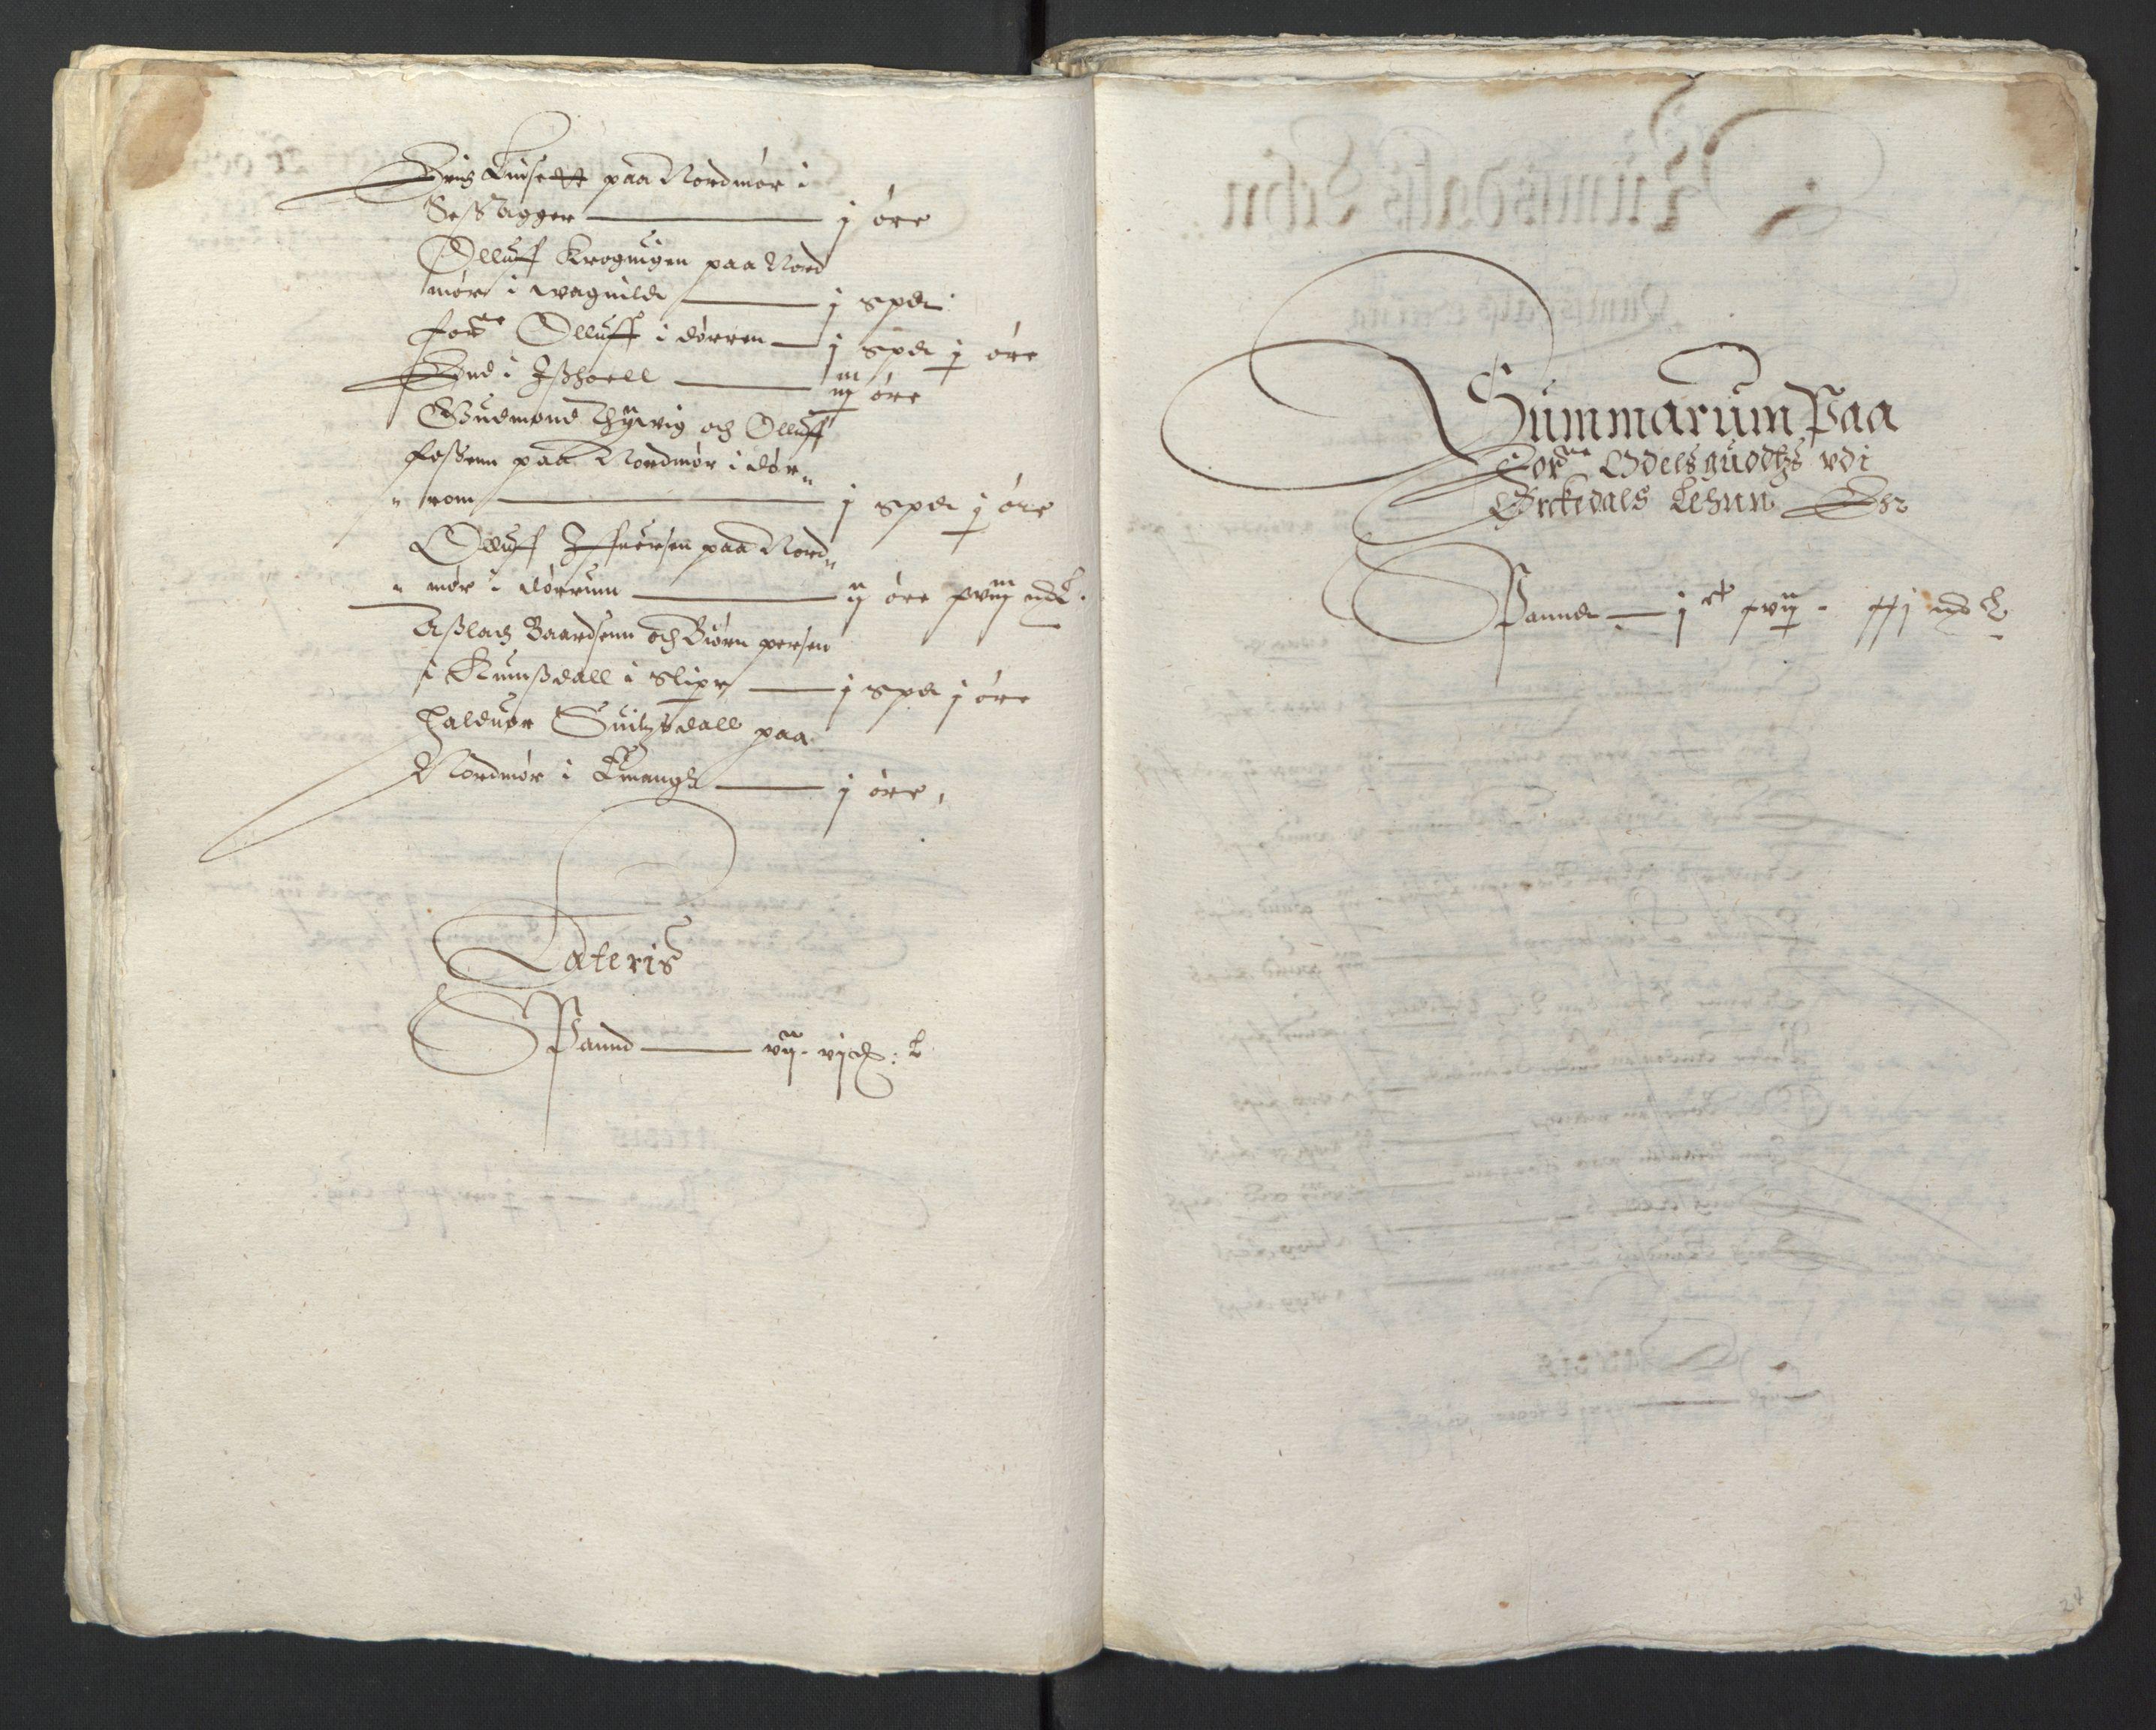 RA, Stattholderembetet 1572-1771, Ek/L0013: Jordebøker til utlikning av rosstjeneste 1624-1626:, 1624-1625, s. 27